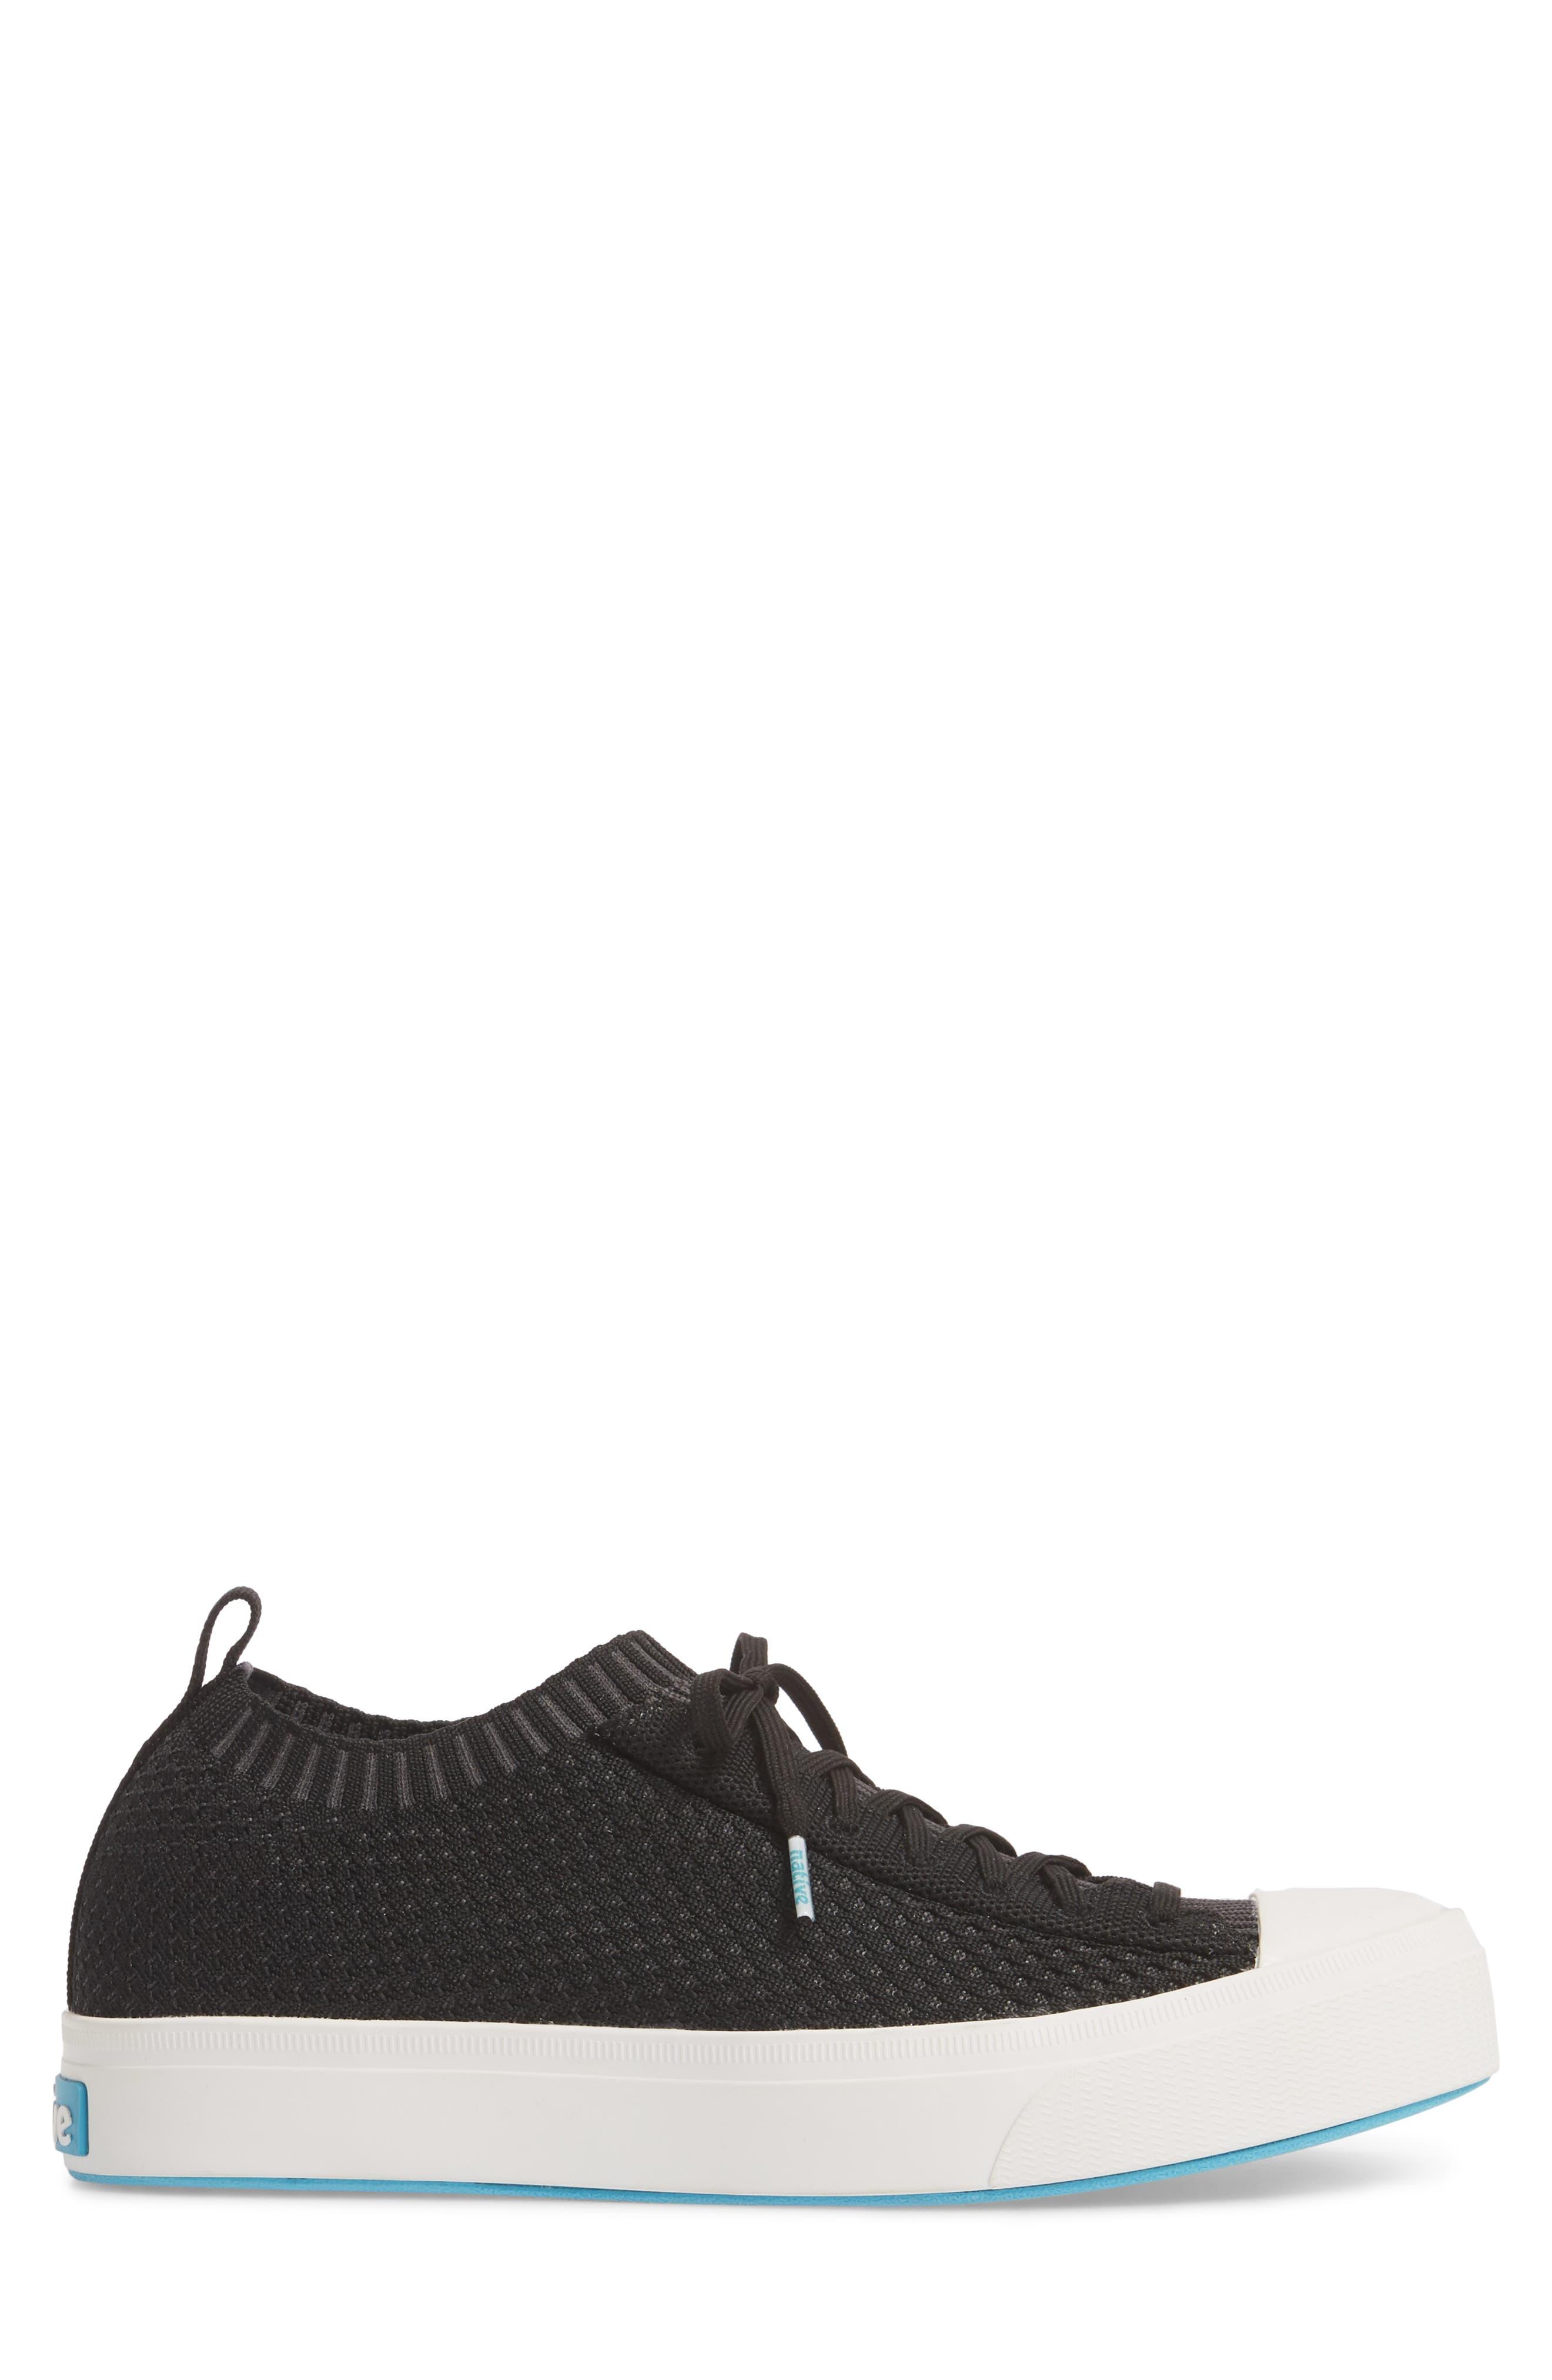 Jefferson 2.0 Liteknit Lace-Up Sneaker,                             Alternate thumbnail 3, color,                             JIFFY BLACK/ SHELL WHITE